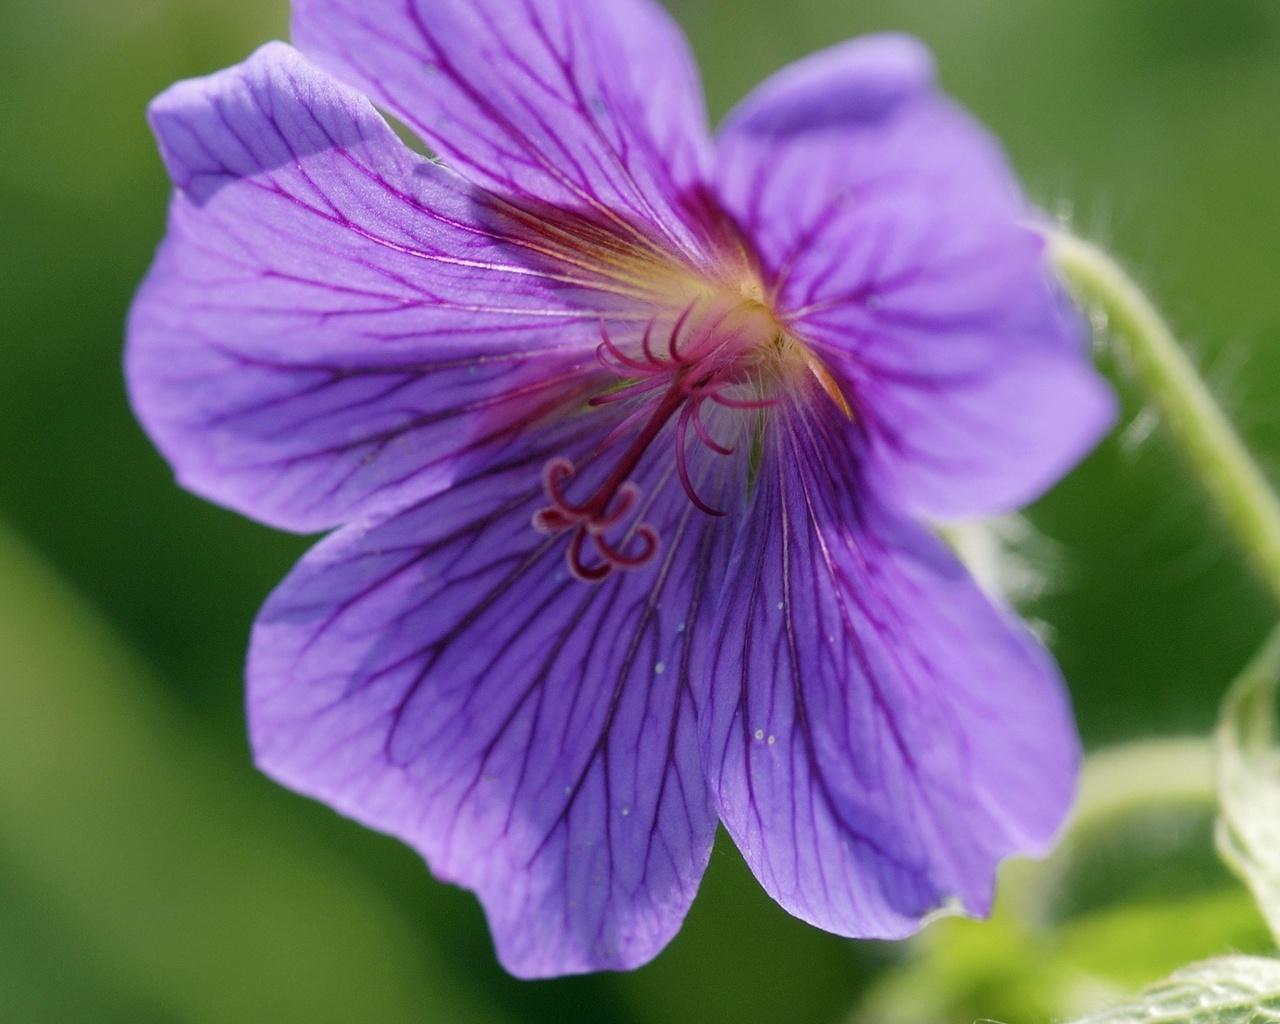 фиолетовые лепестки, пушистый стебель, закрученный пестик, цветы, макро